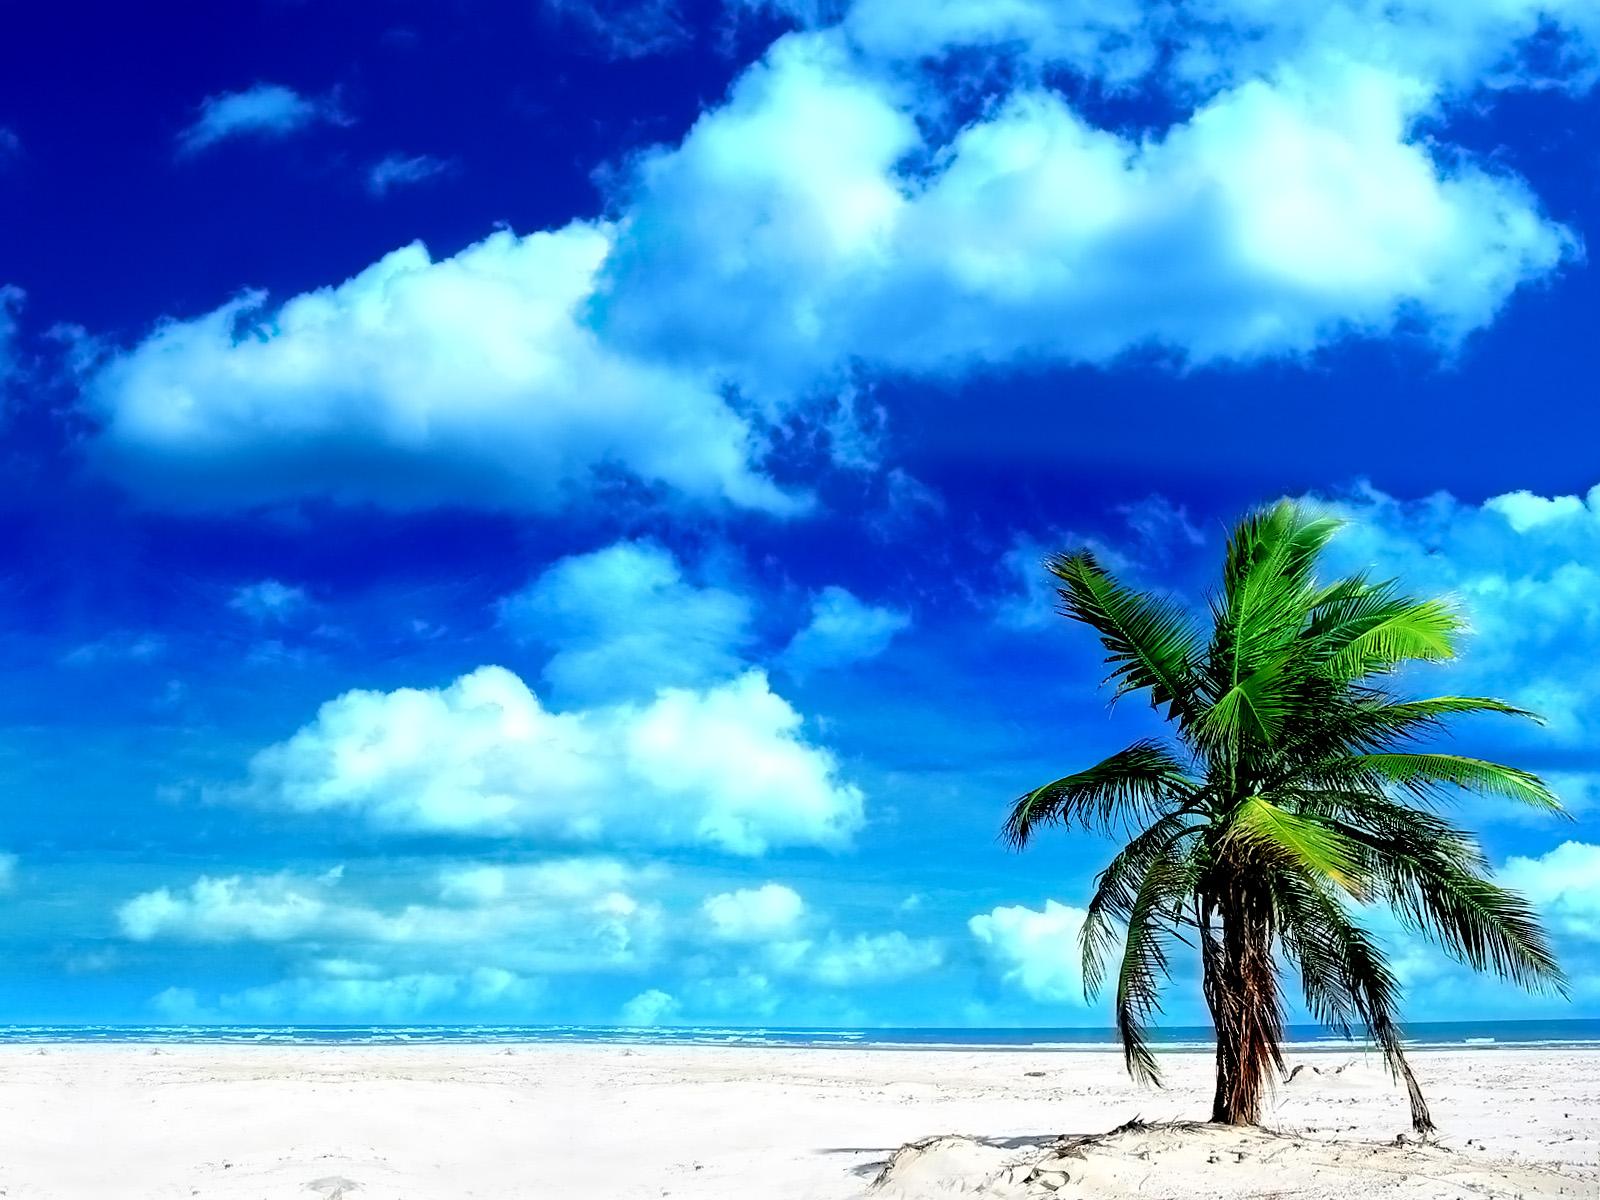 http://4.bp.blogspot.com/-D7M9Q5GJr3w/T0HOk0mHrDI/AAAAAAAABxI/YRQ4PUVVNFs/s1600/Strand_Panorama_Hintergrundbilder.jpg